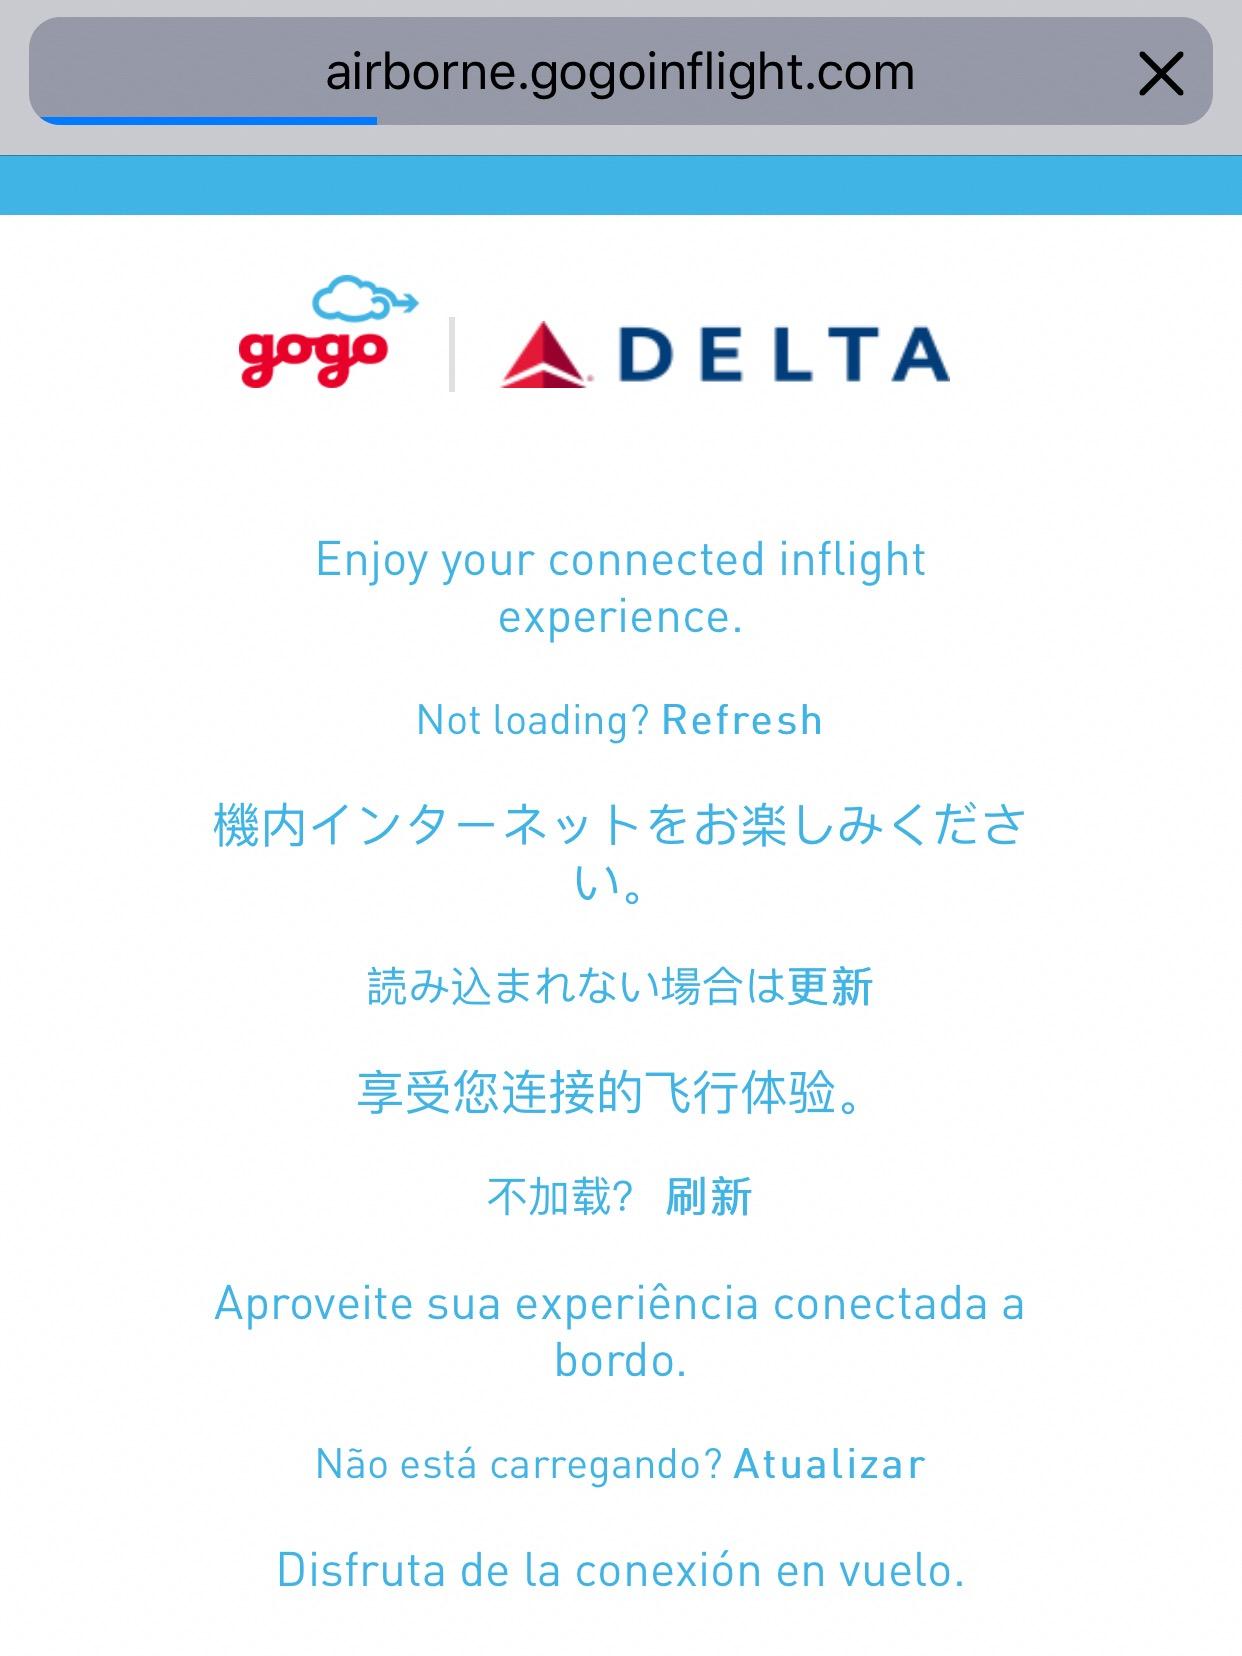 Delta WiFi is provided by gogo across its fleet.